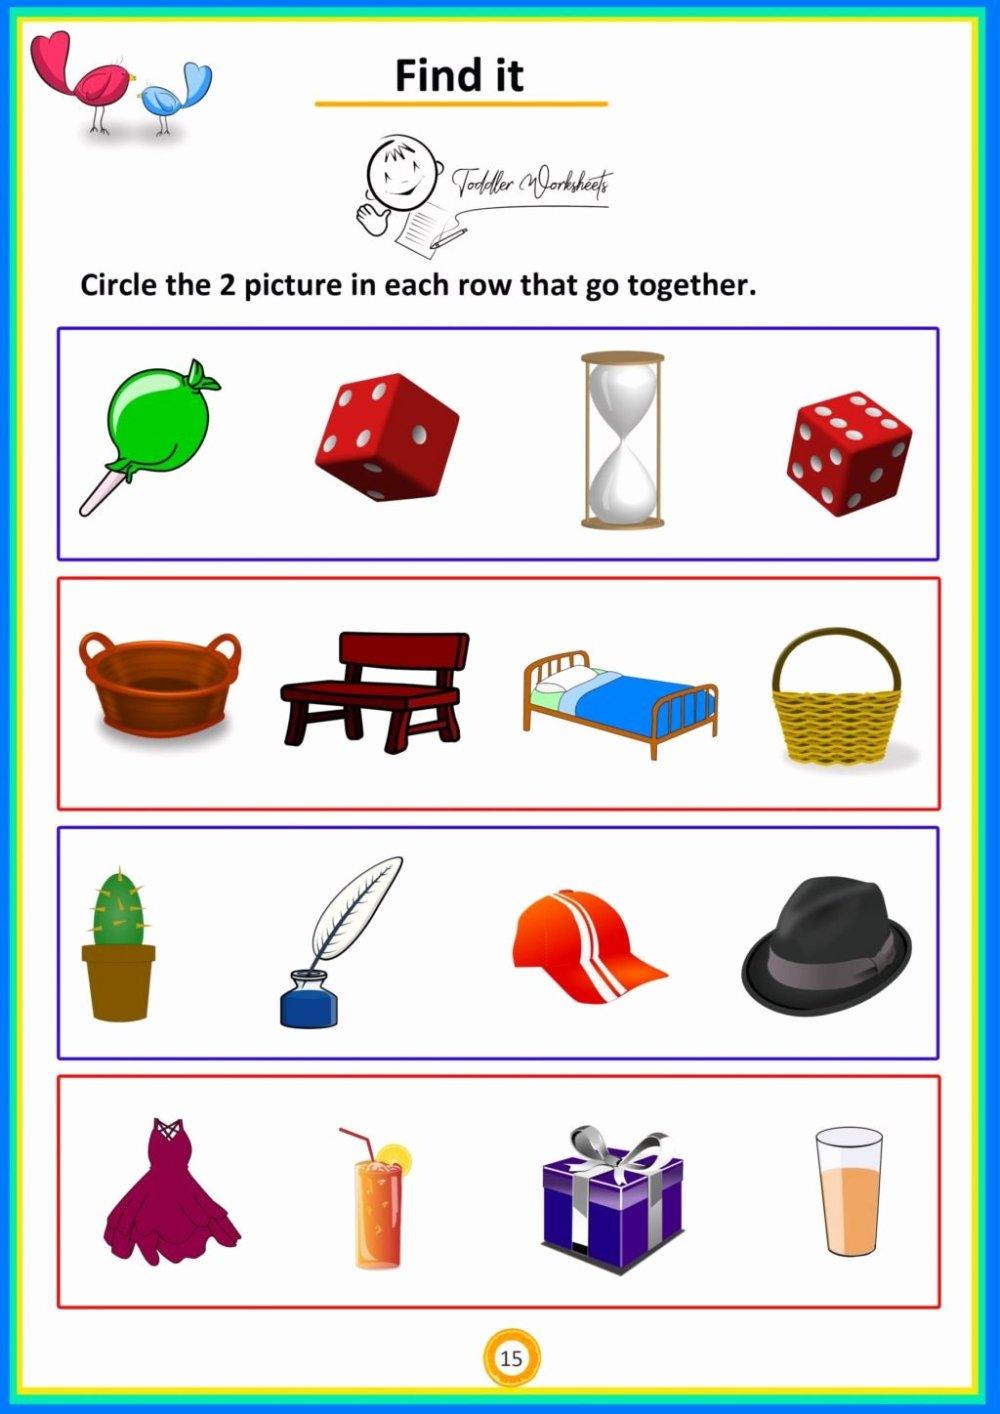 medium resolution of Addition Worksheets for Preschoolers Unique Worksheet Worksheet Summer Math Worksheets  Preschool – Printable Worksheets for Kids